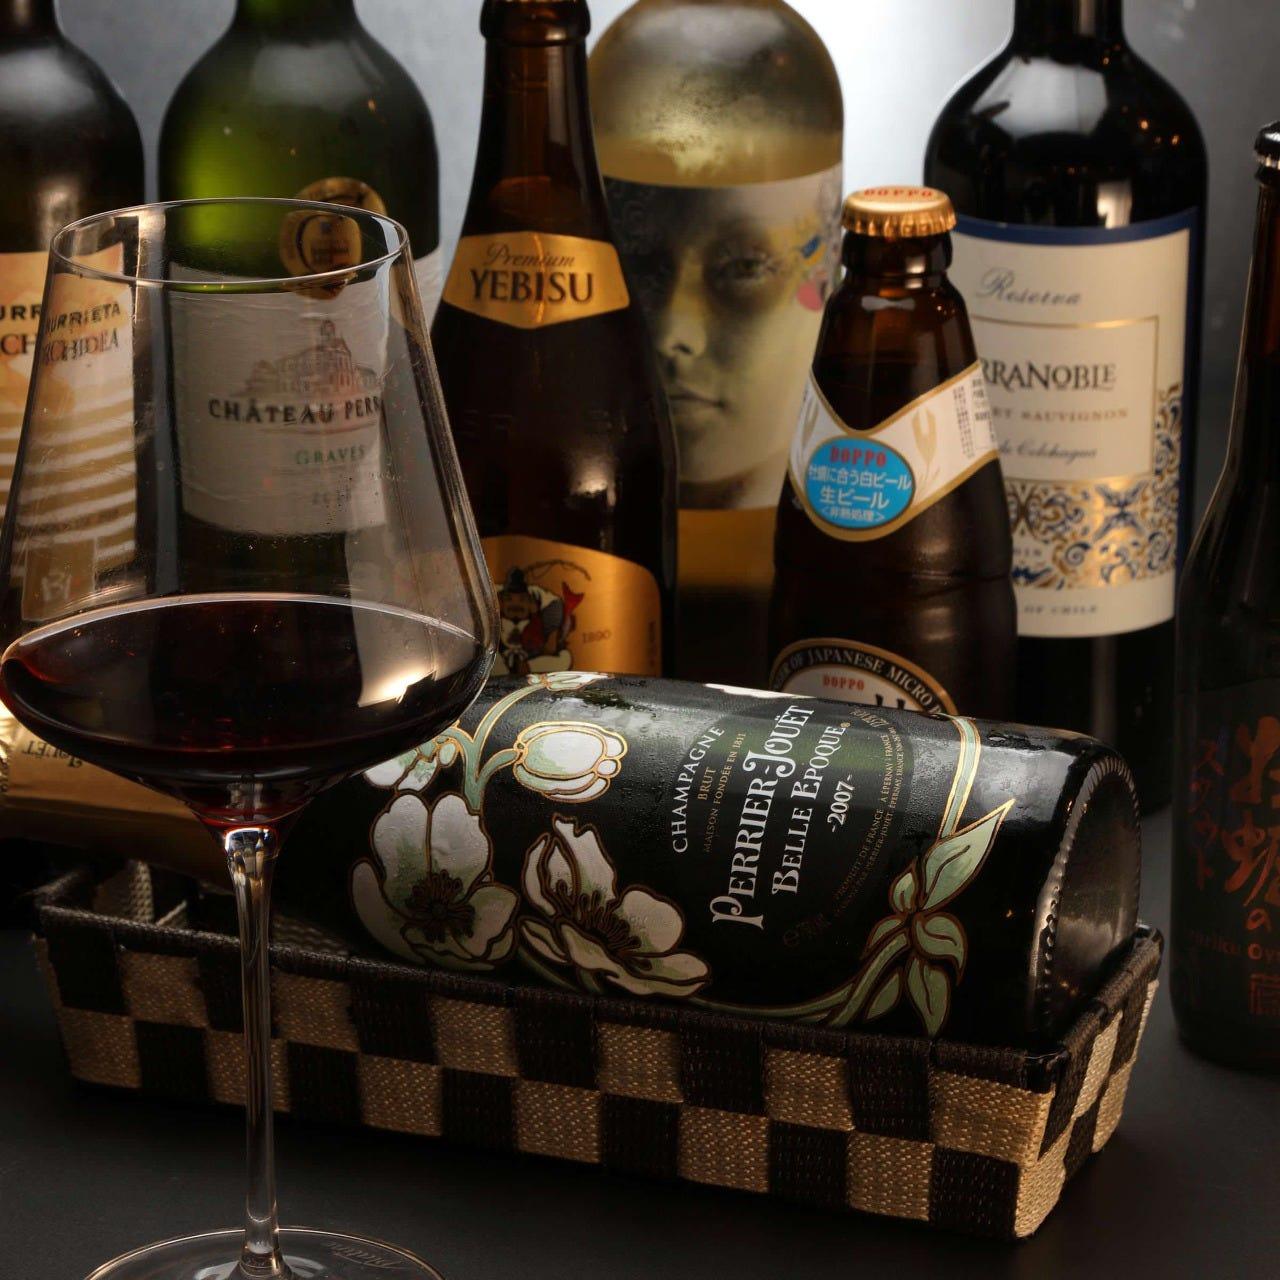 赤・白・スパークリングと多種多彩なラインナップのワイン